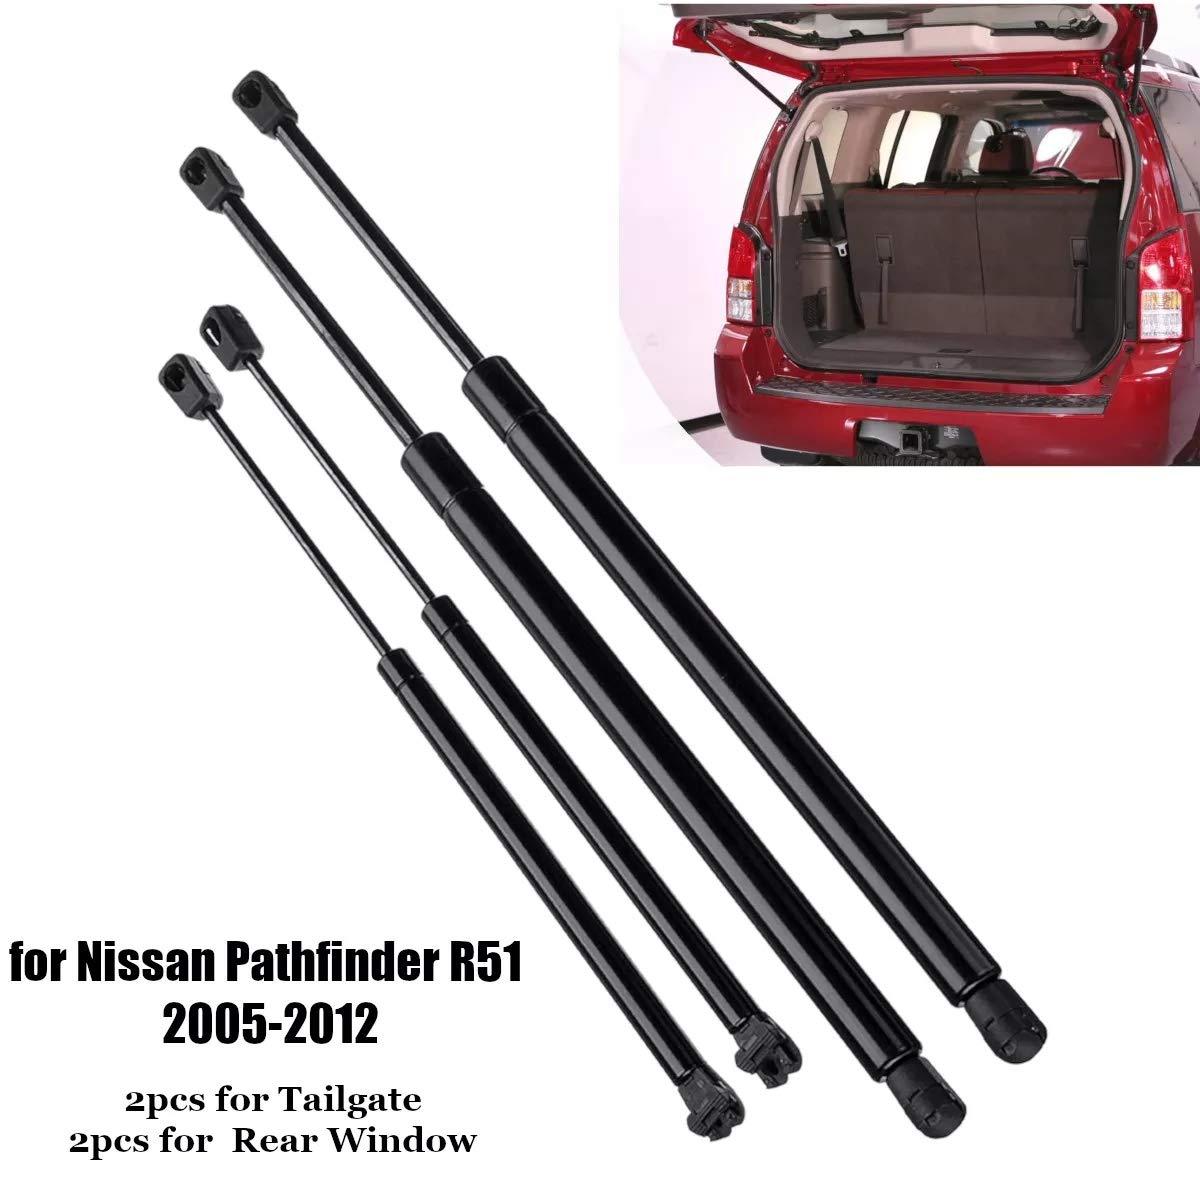 4 barras de elevaci/ón de gas para ventanilla trasera de coche para Nissan Pathfinder R51 2005-2012 COD